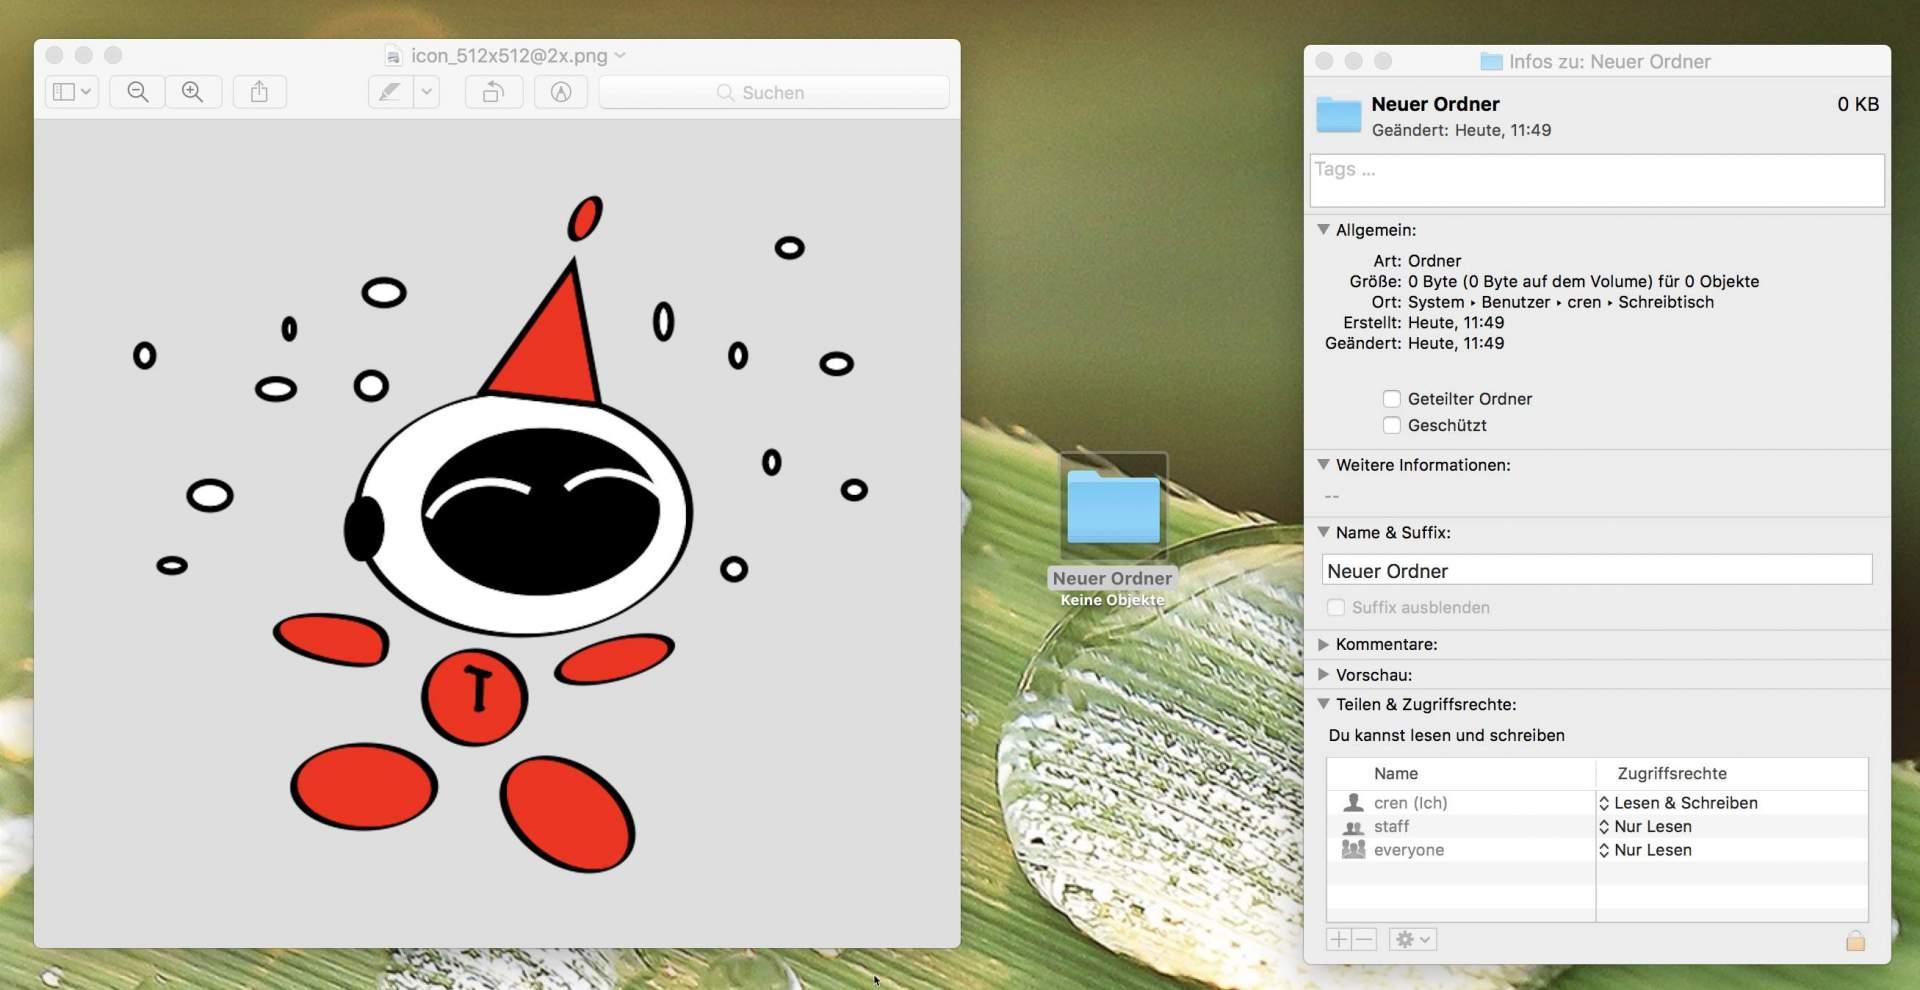 Icon-PNG in Vorschau öffnen und in die Zwischenablage kopieren, anschließend die Informationen der Zieldatei öffnen.